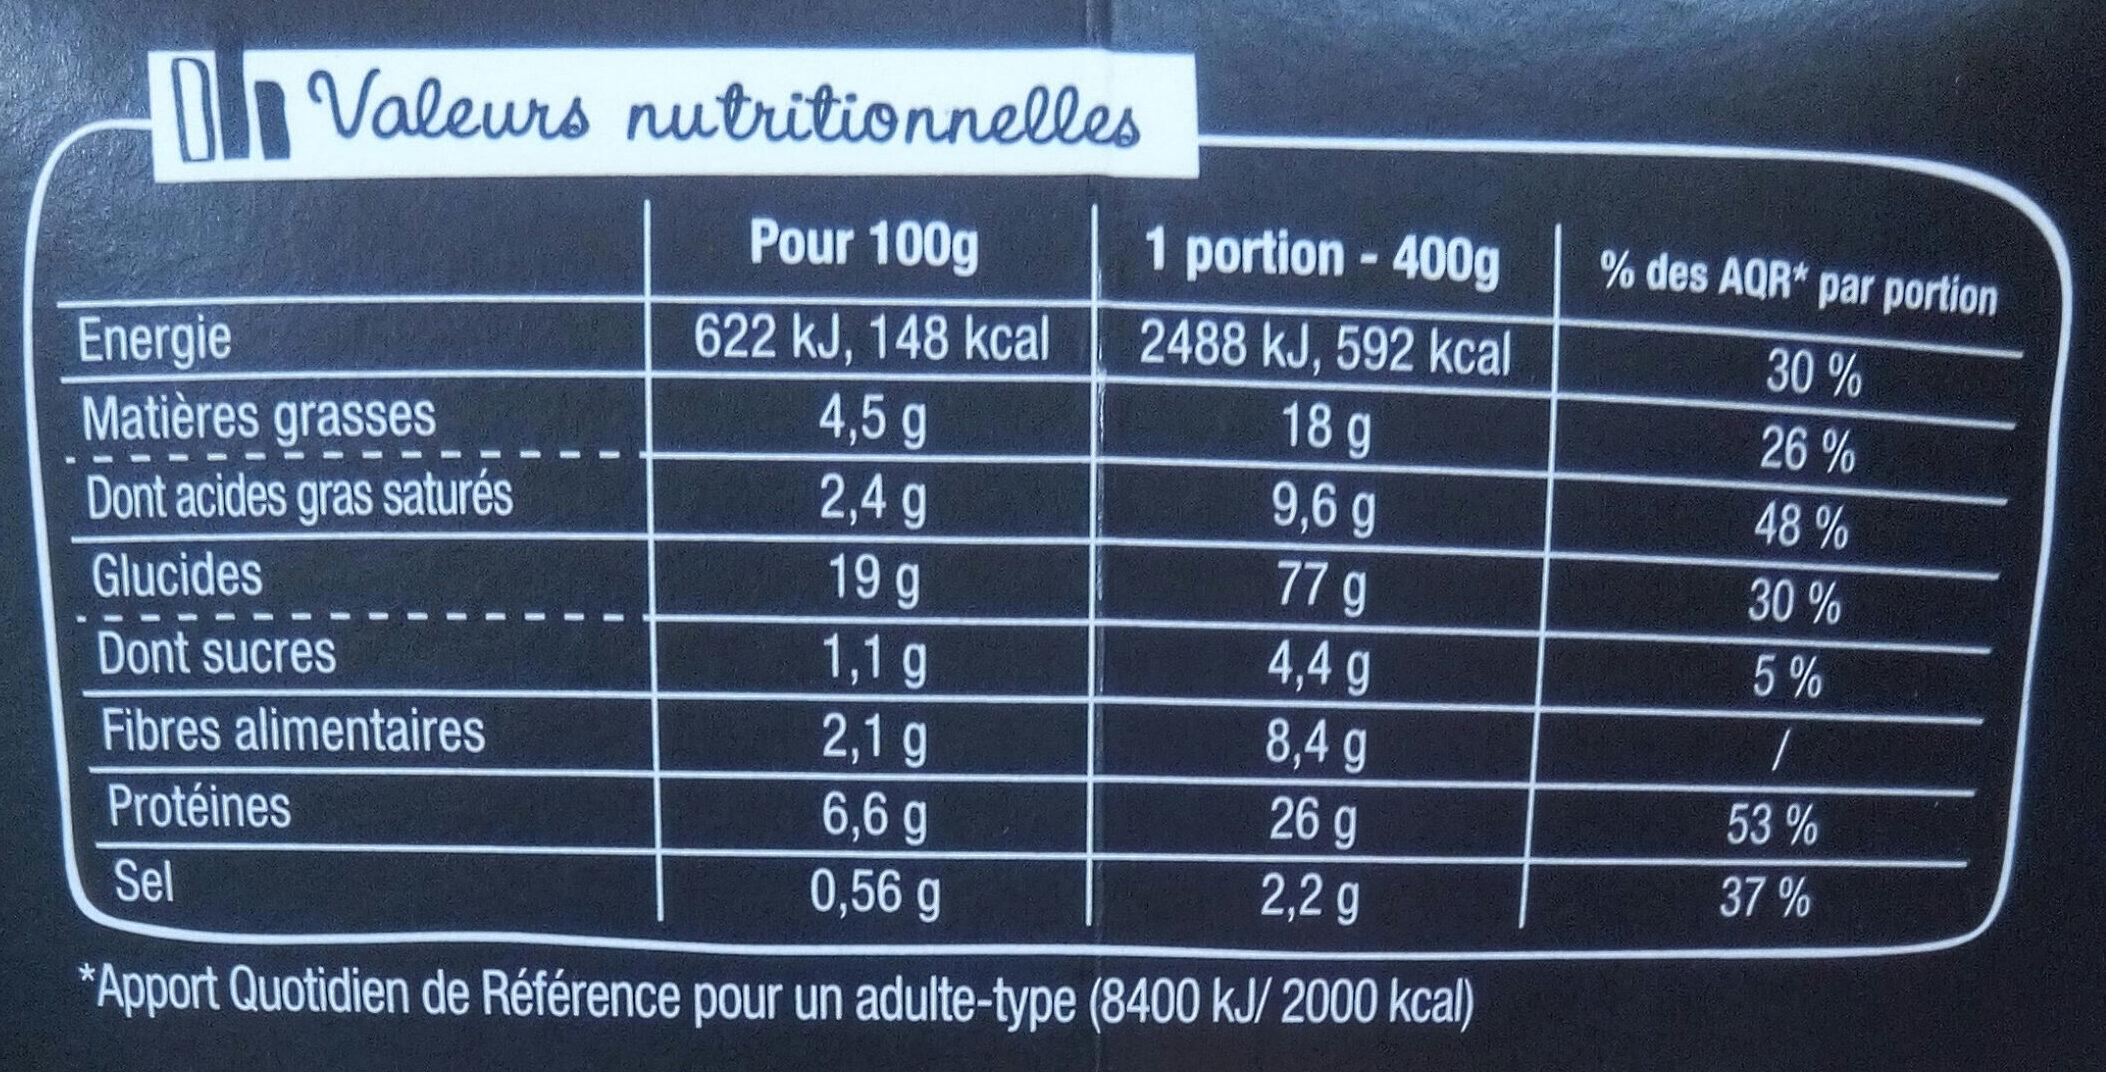 XtremBox - Radiatori  Bœuf Sauce au poivre - Informations nutritionnelles